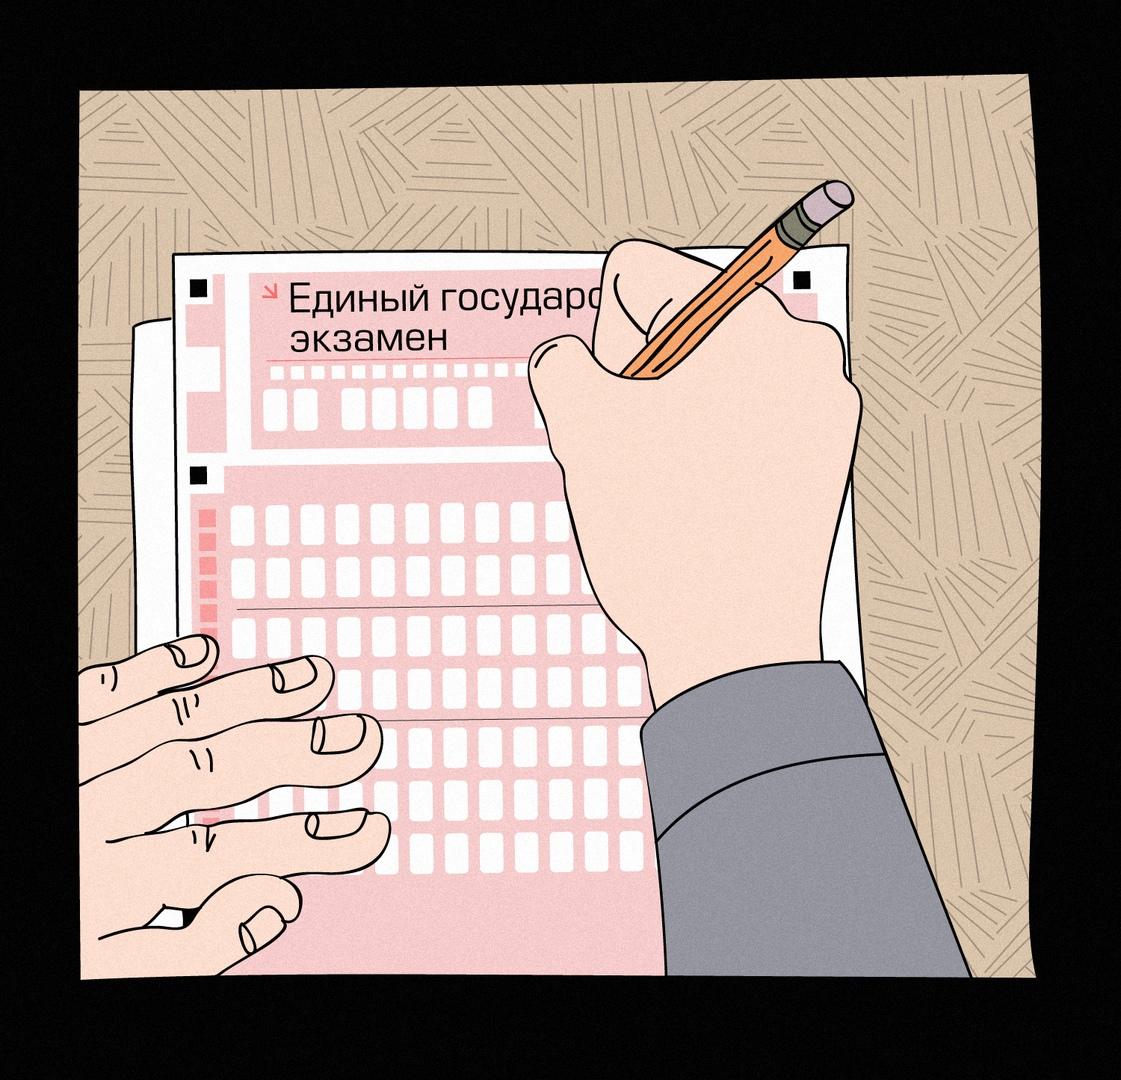 2059 Единый государственный экзамен